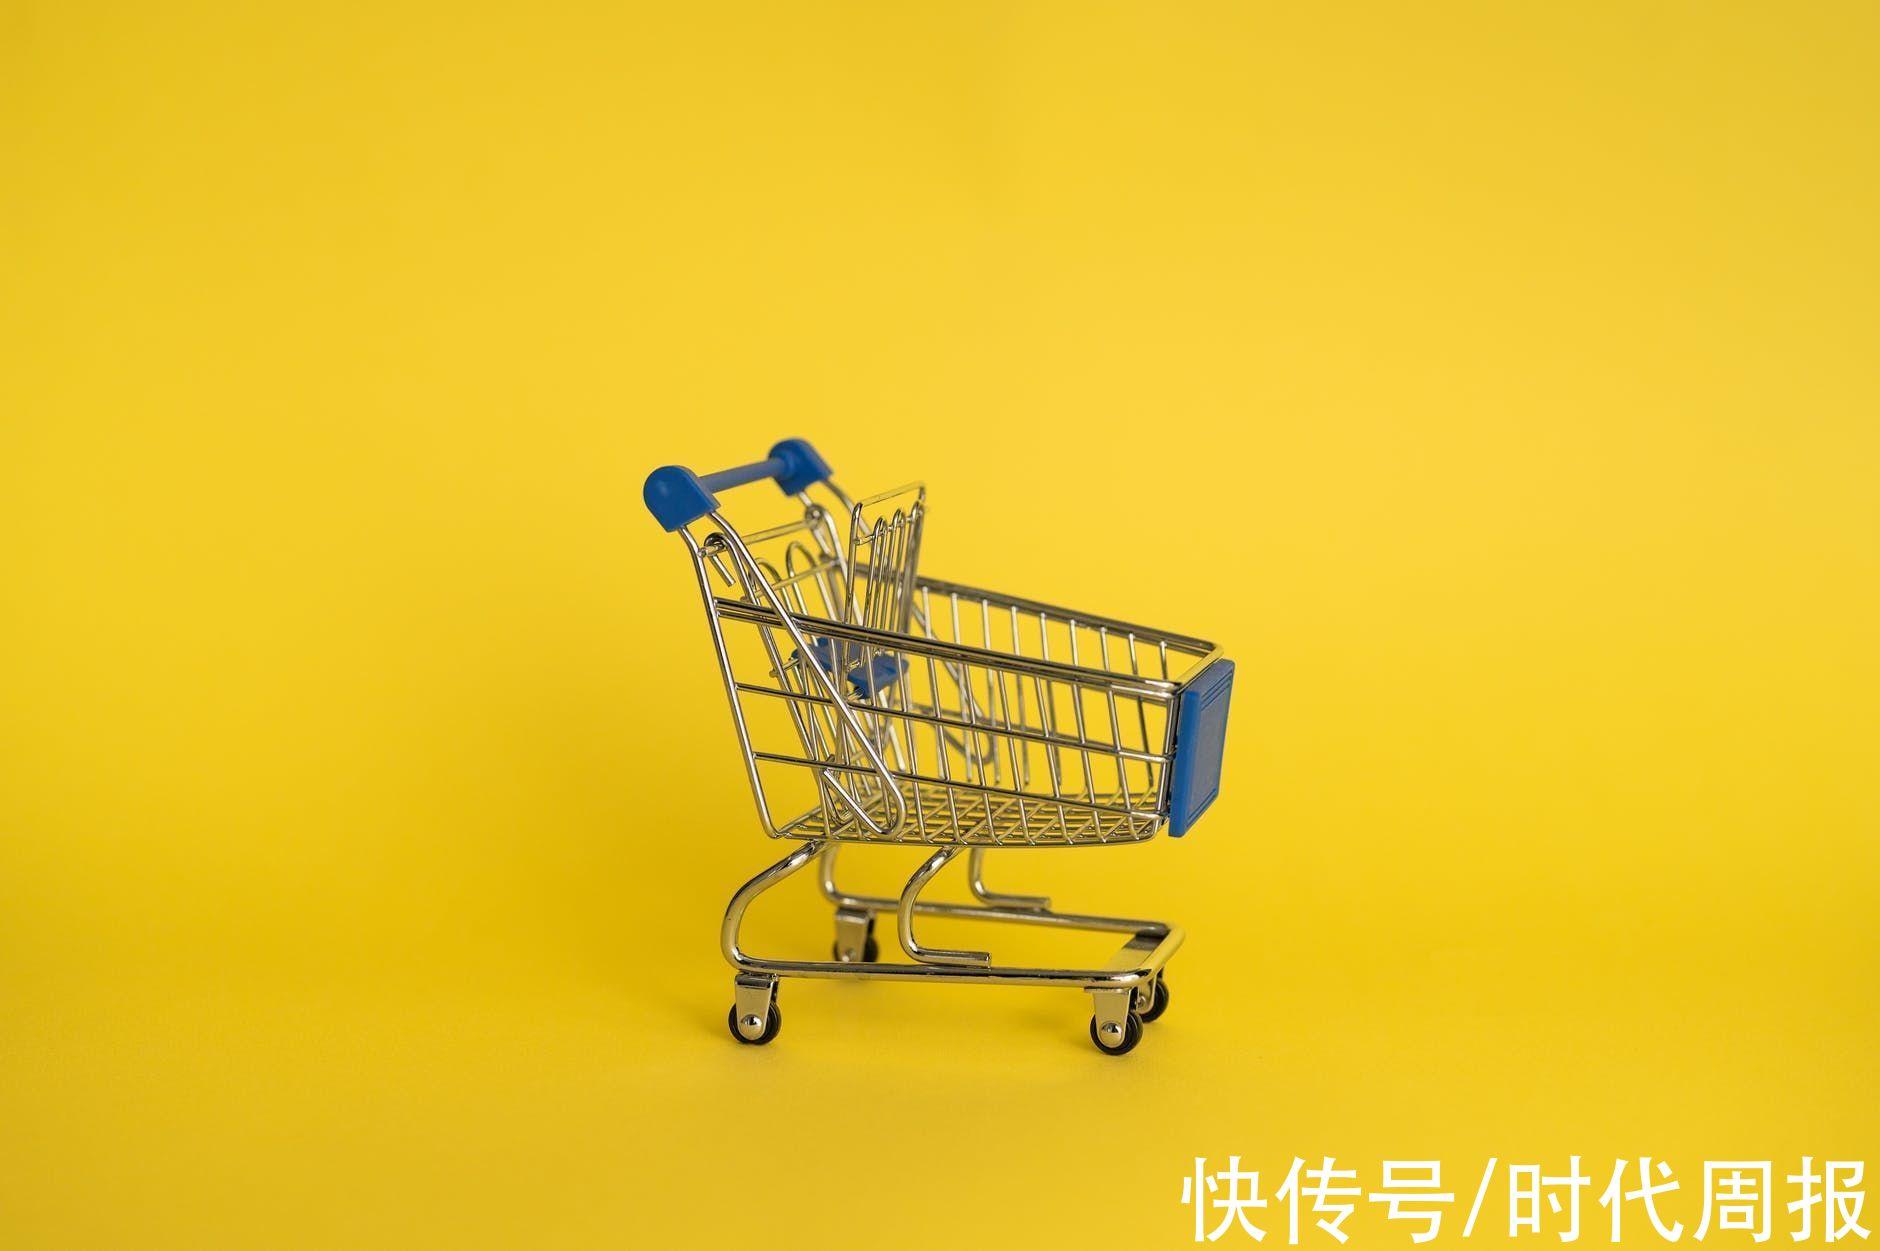 前8月网上零售额大涨近20%,国家发改委答时代周报:新型消费迎来窗口期